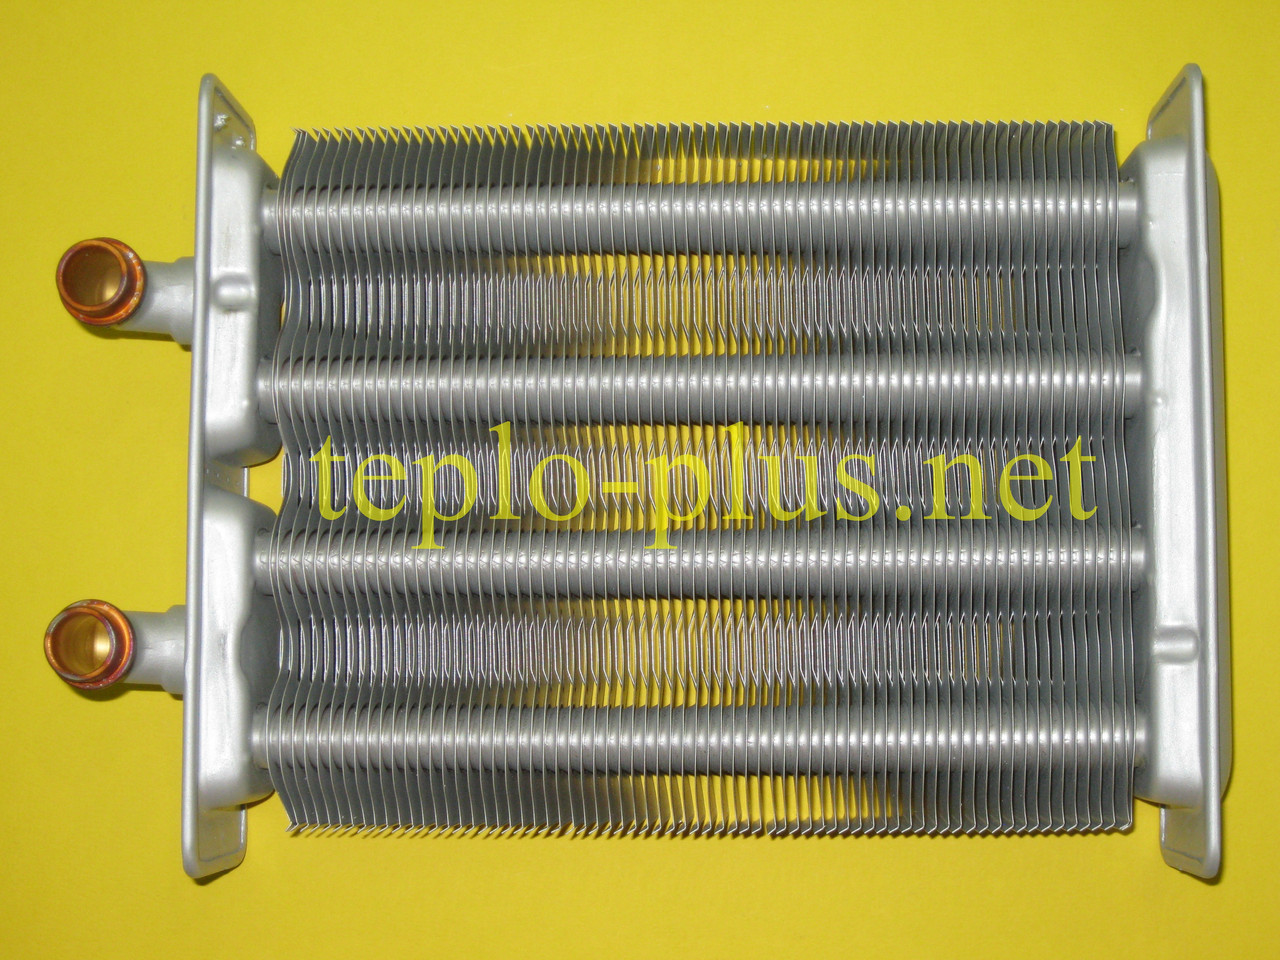 Теплообменник для котла сити теплообменник при производстве серной кислоты